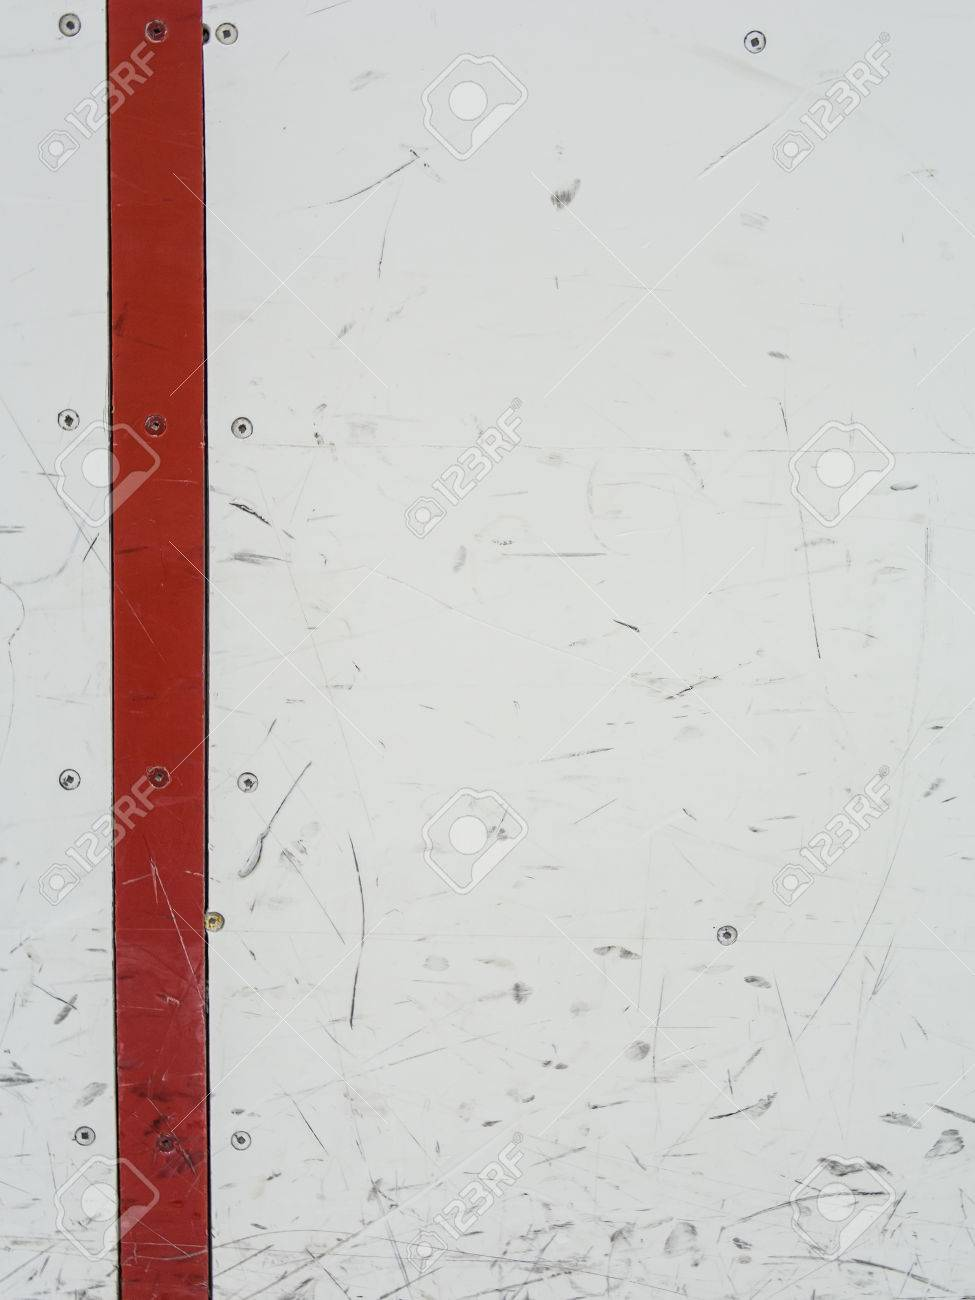 hockey rink board hockey rink venn diagram define training flowchart